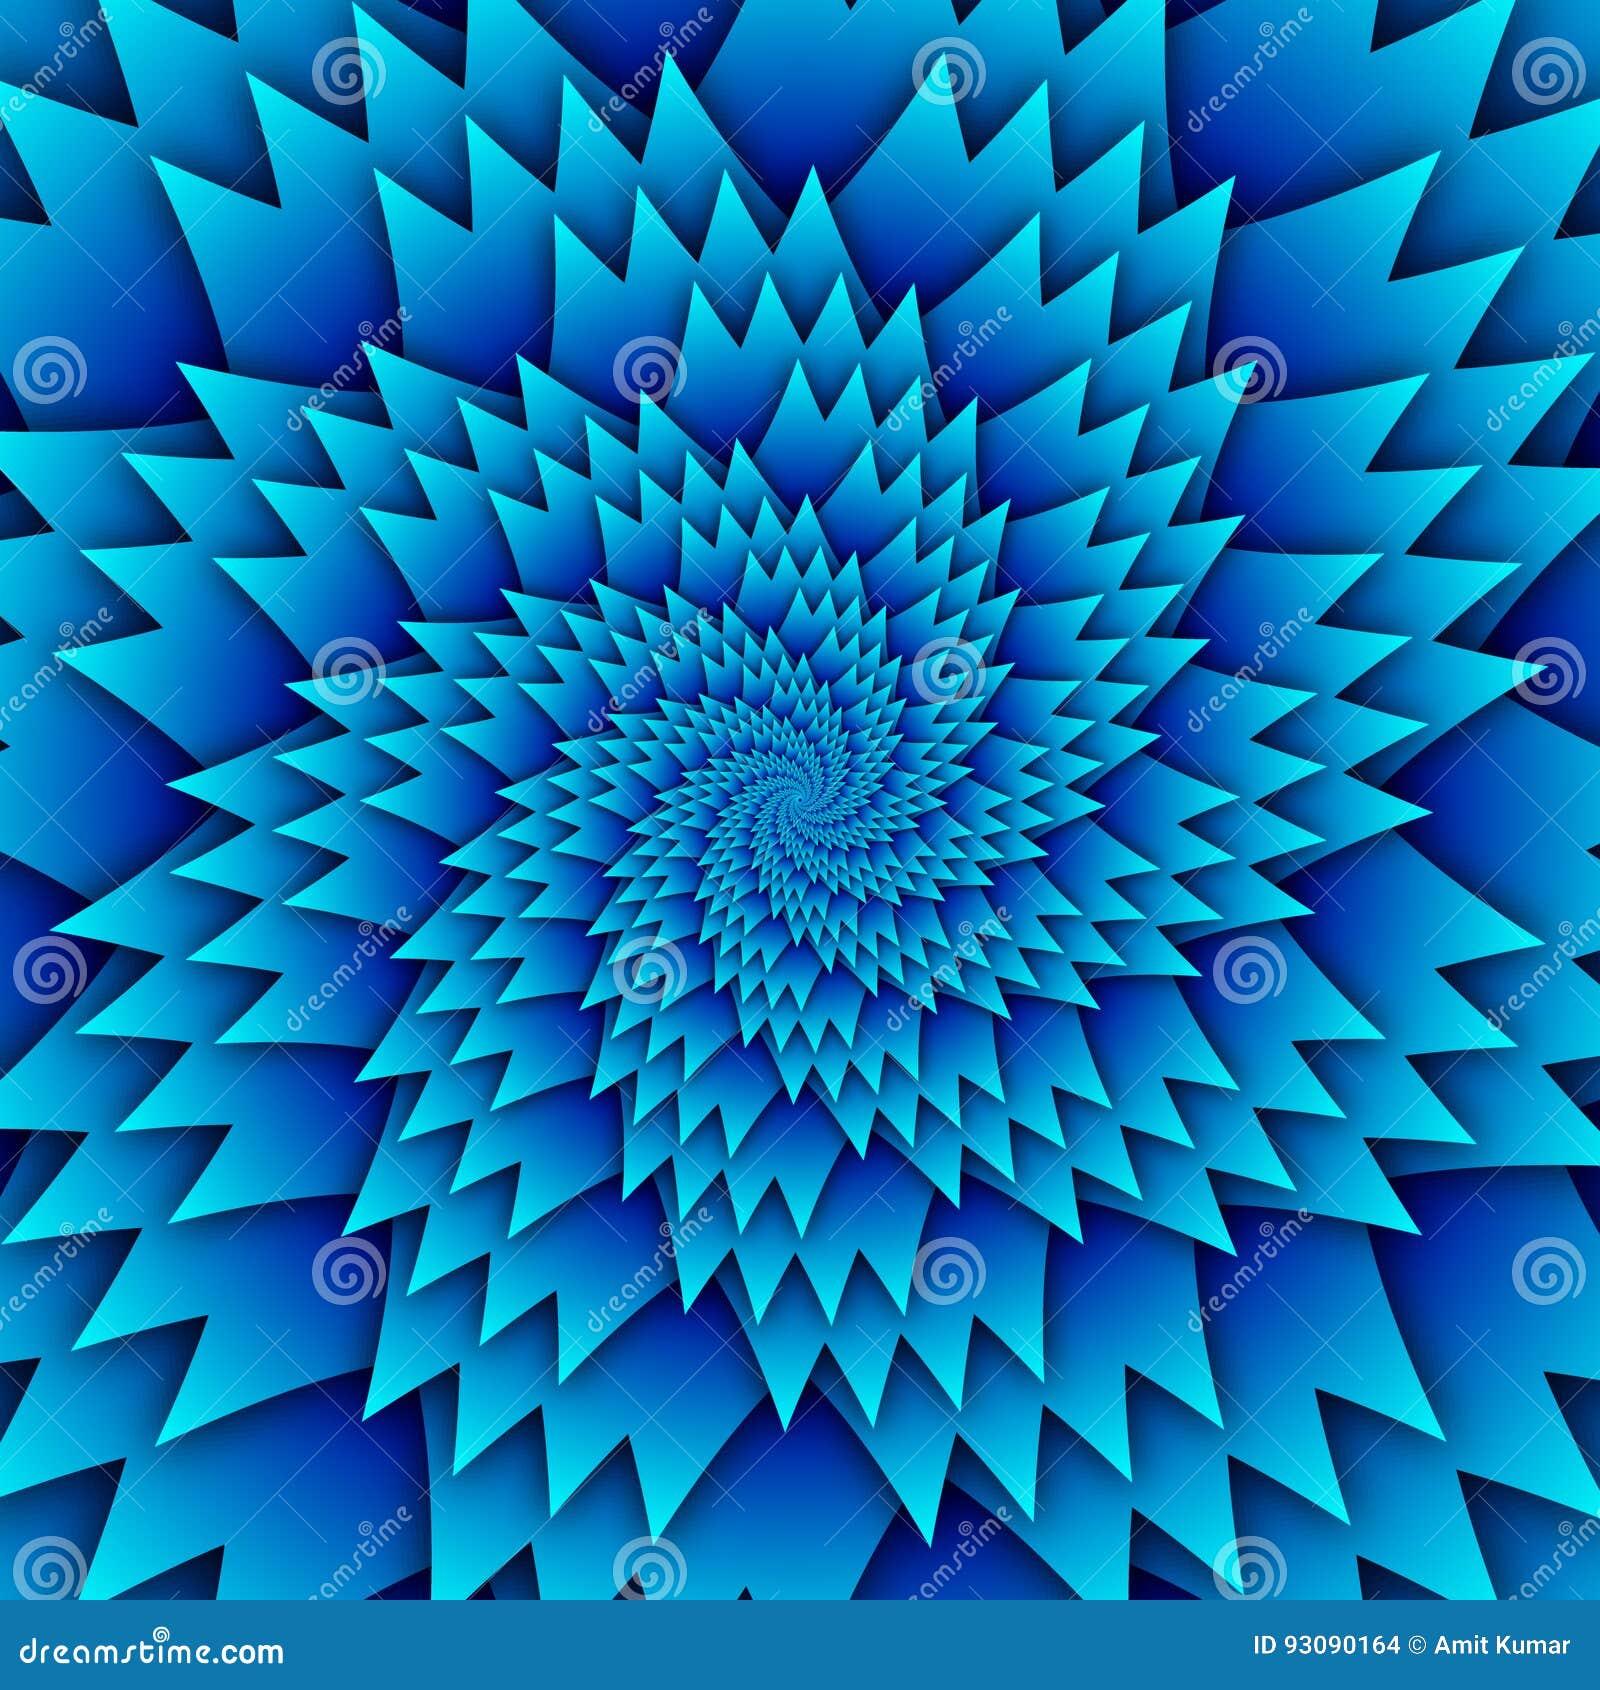 抽象星坛场装饰样式蓝色背景正方形图象,幻觉艺术图象样式,背景照片